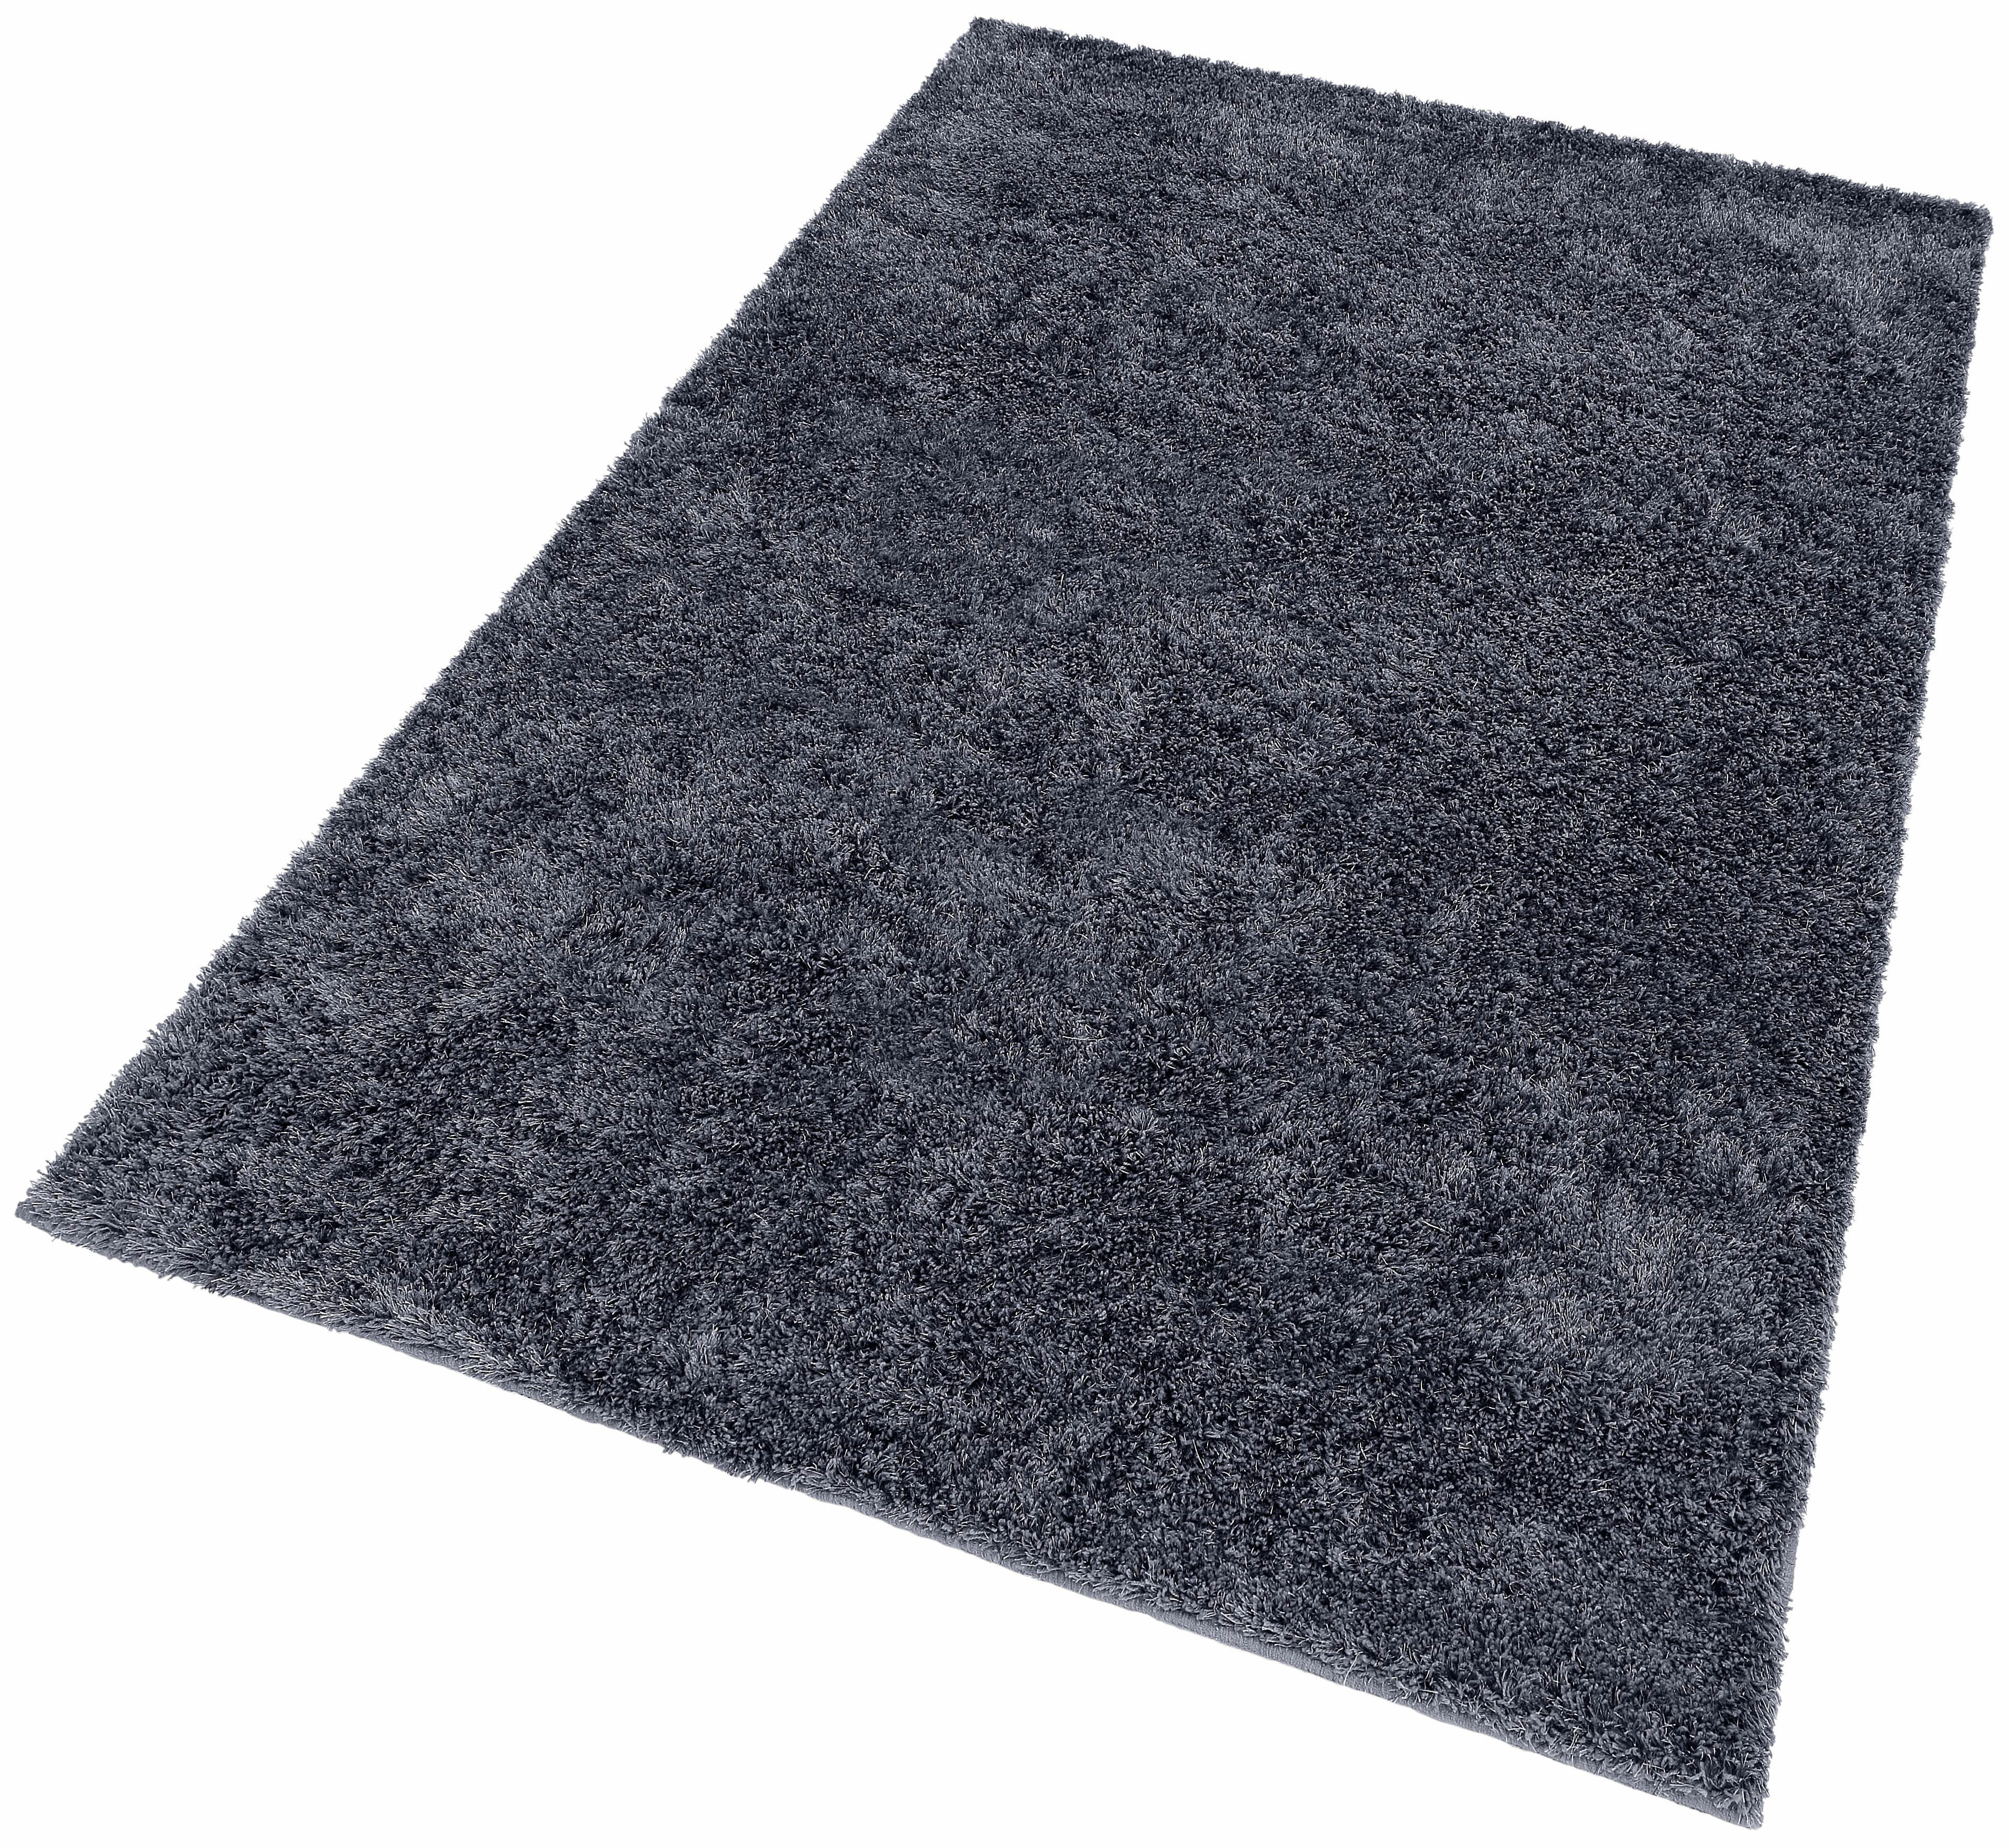 Hochflor-Teppich Emotion Barbara Becker rechteckig Höhe 40 mm handgetuftet